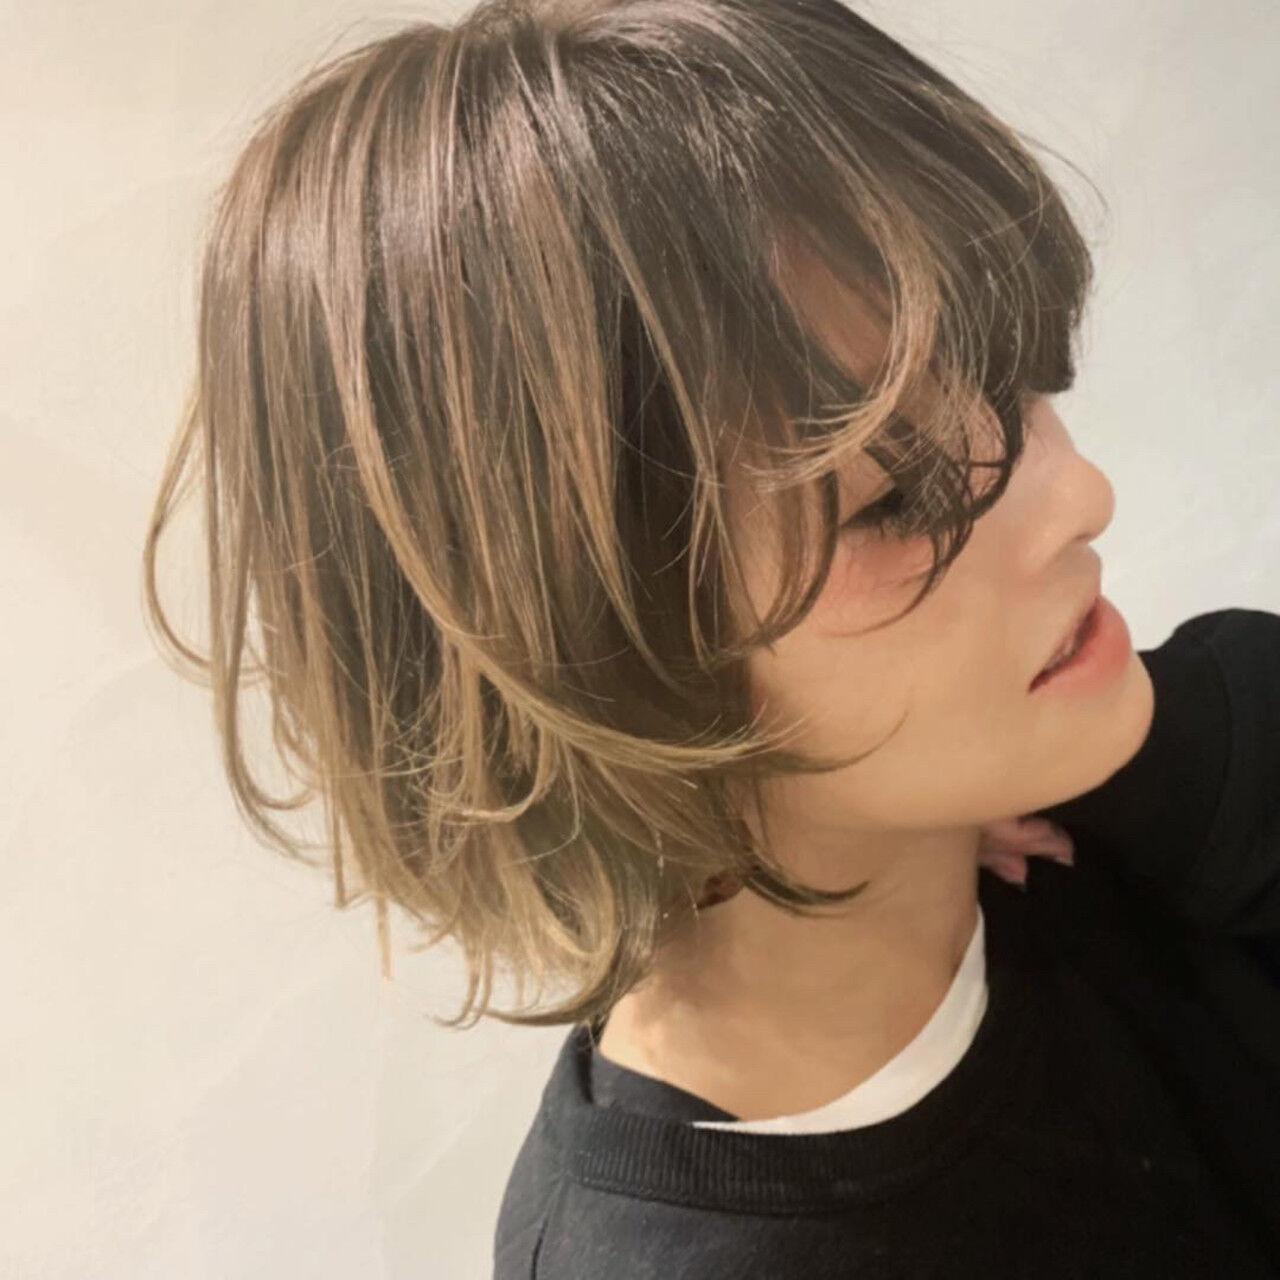 大人ハイライト ママ ママヘア バイヤレージュヘアスタイルや髪型の写真・画像